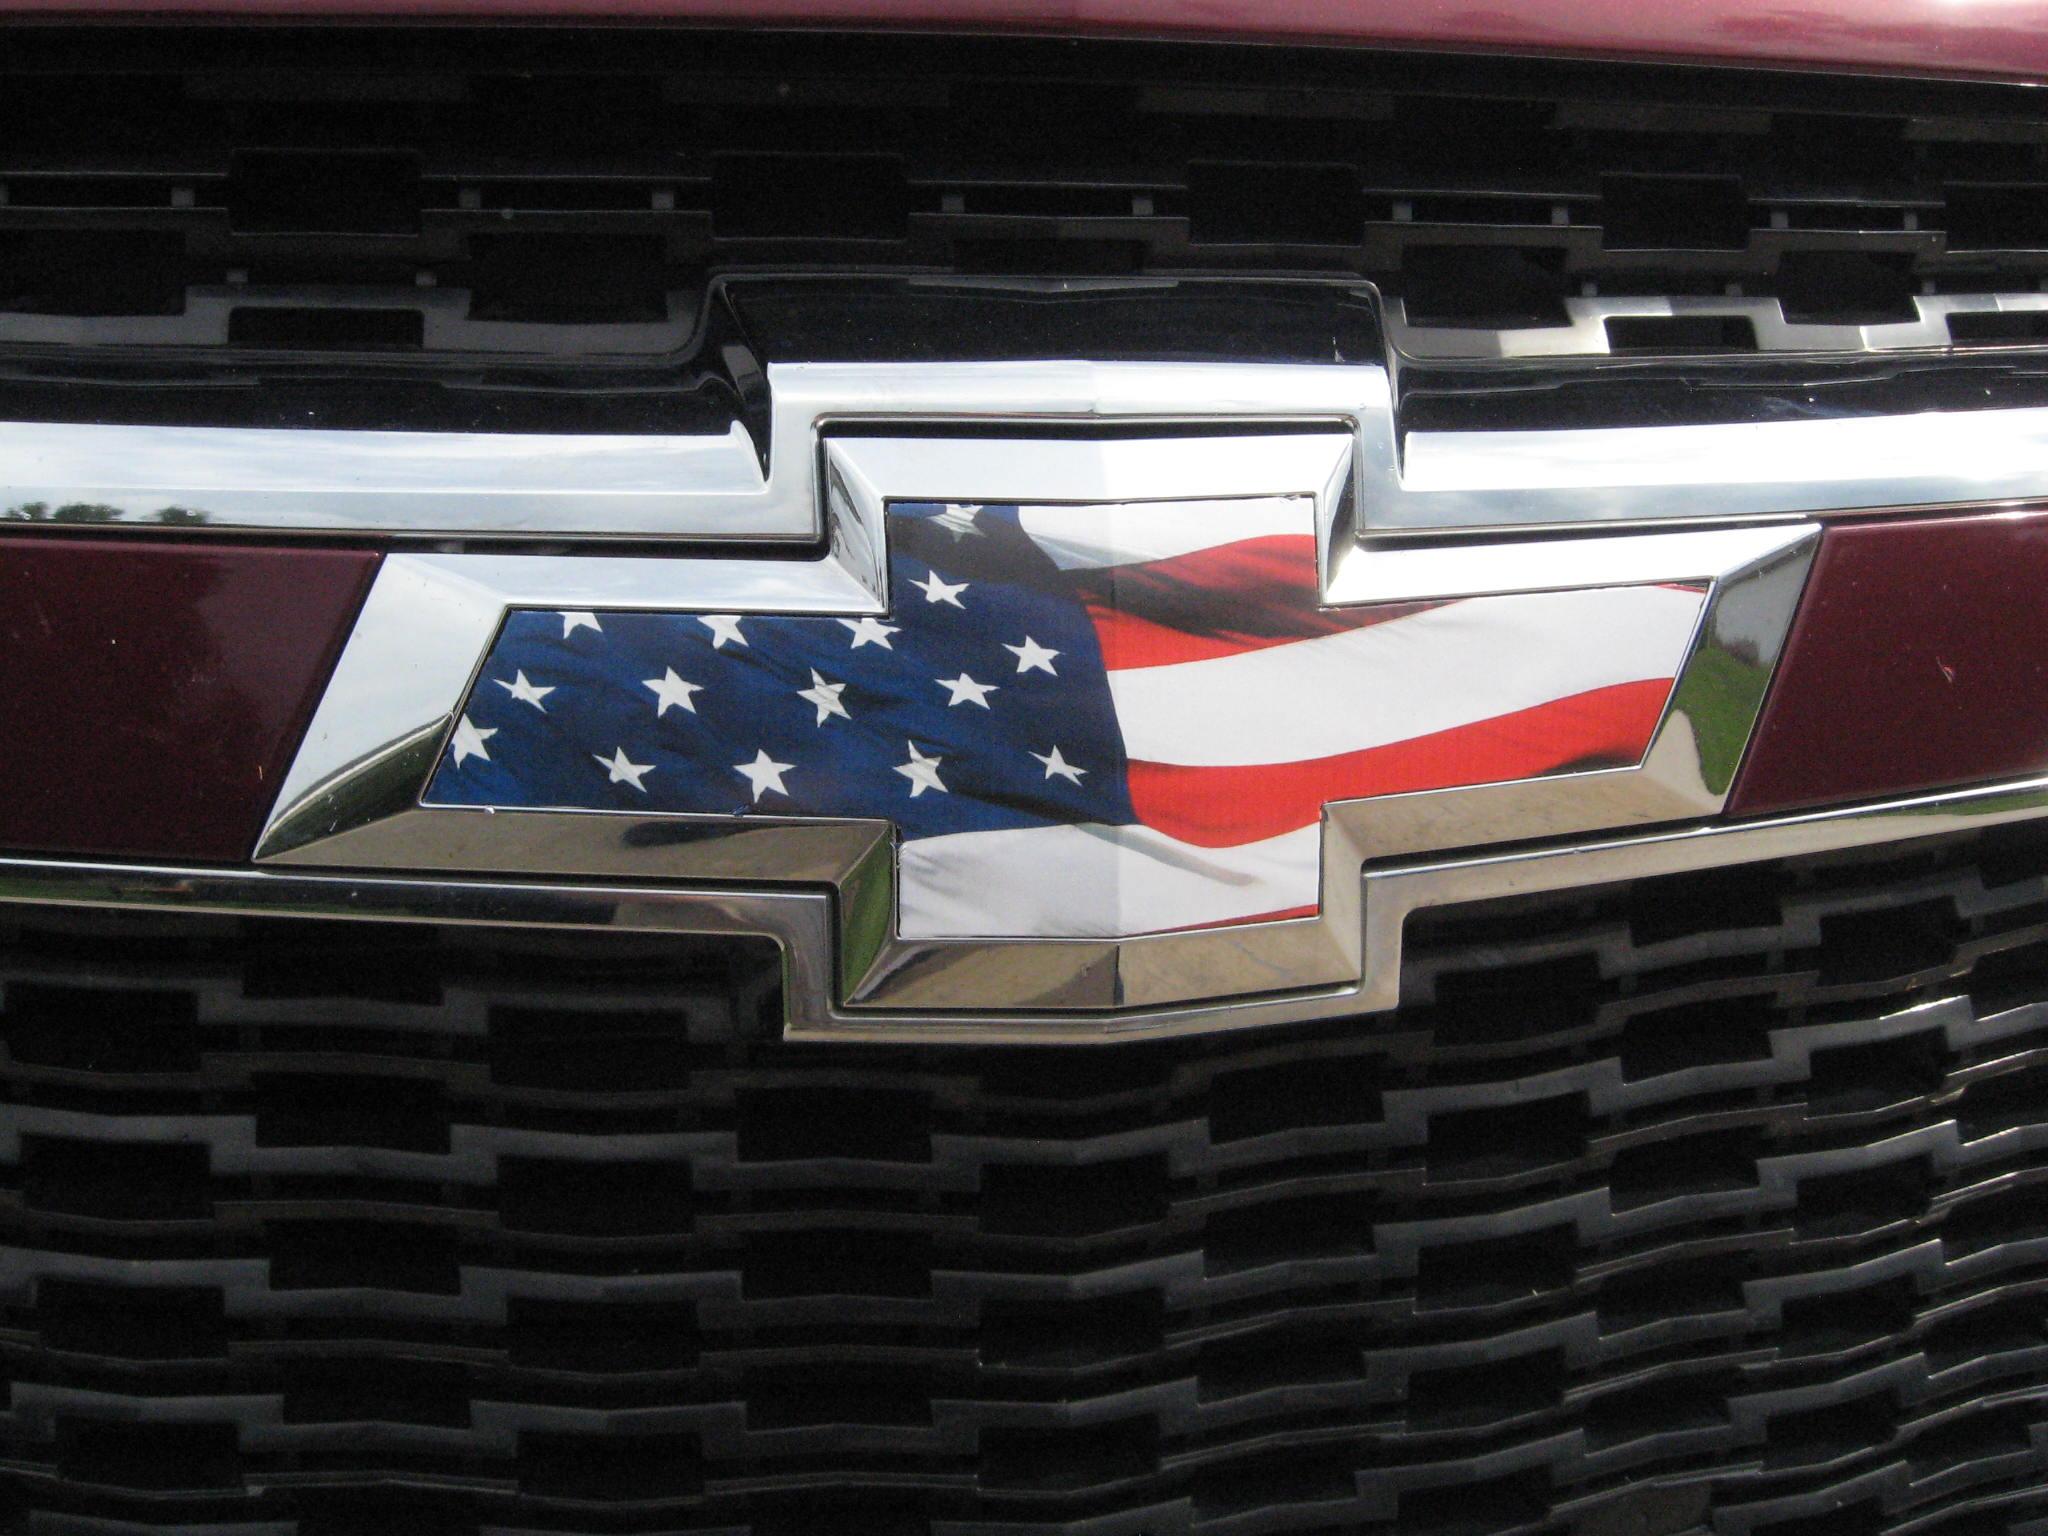 Chevy Silverado Colorado Grille Tailgate American Flag Vinyl Overlay